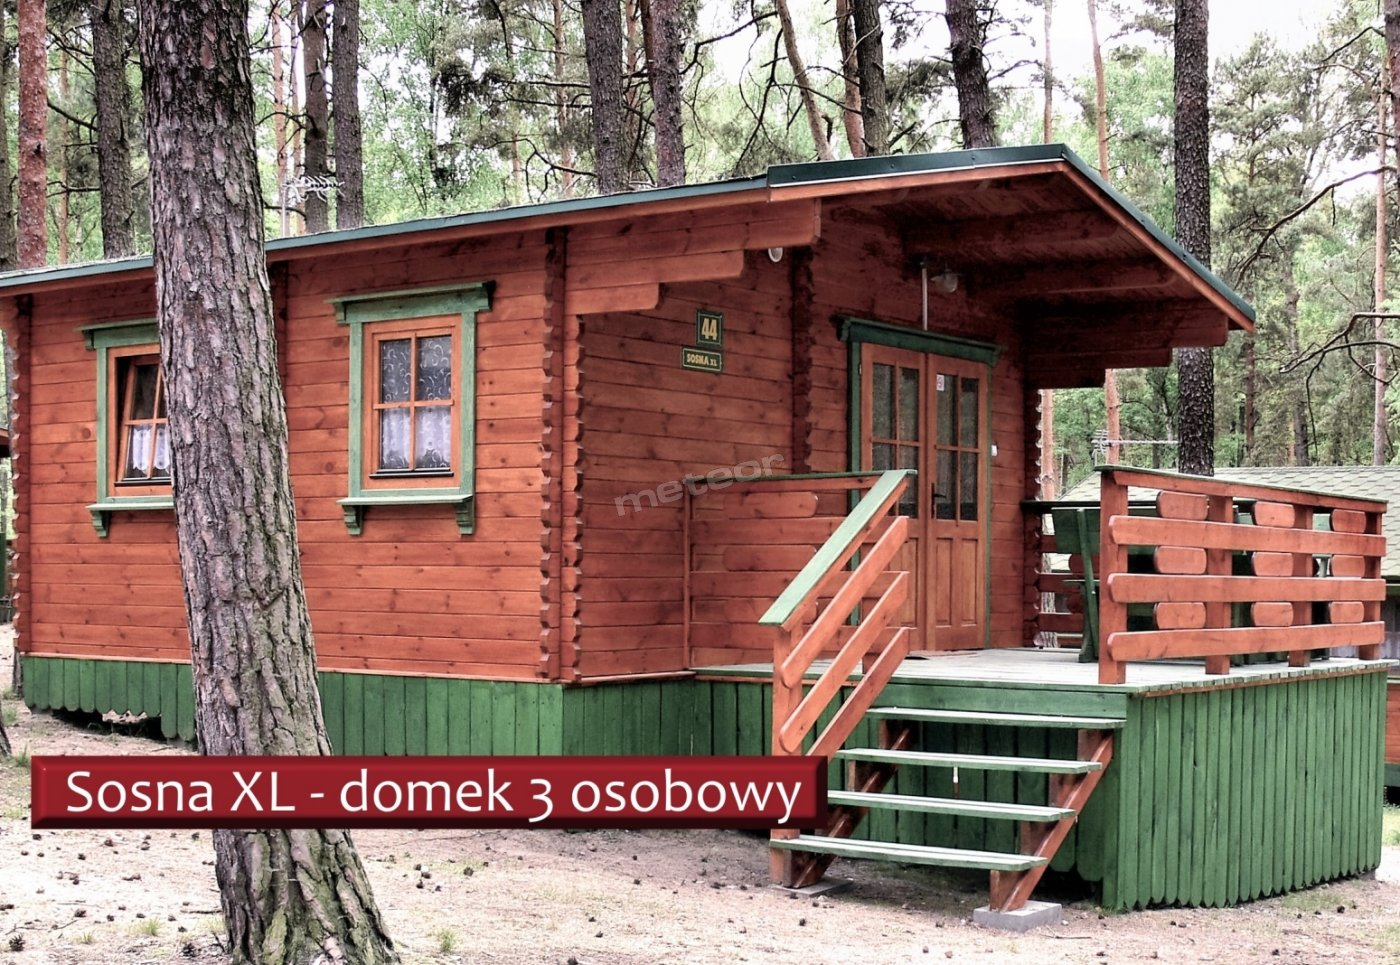 SosnaXL to domek ze wspólnym salonikiem i aneksem kuchennym, osobno węzeł sanitarny. Dwa łóżka pojedyncze plus wersalka rozkładana 2 os.